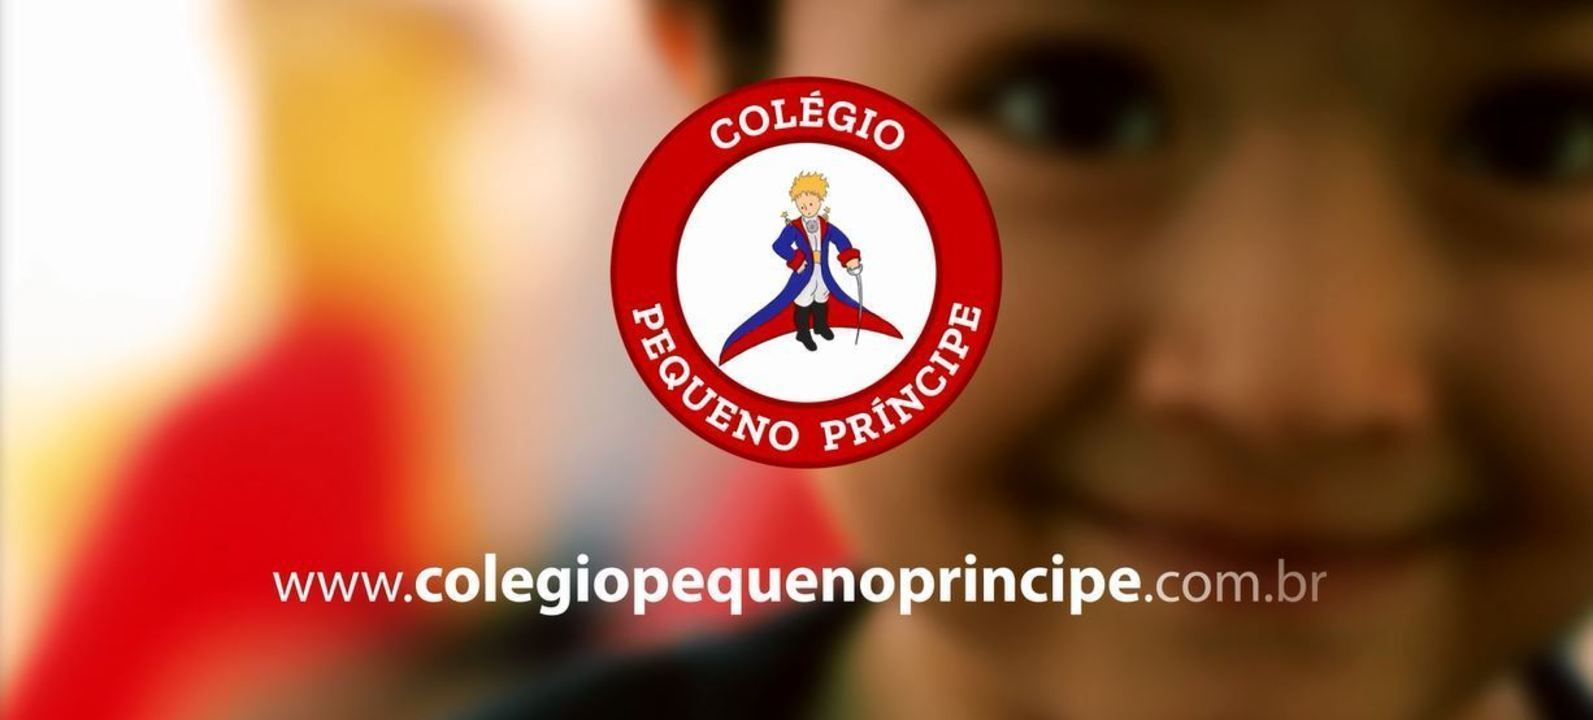 Informe Publicitário- Colégio Pequeno Príncipe